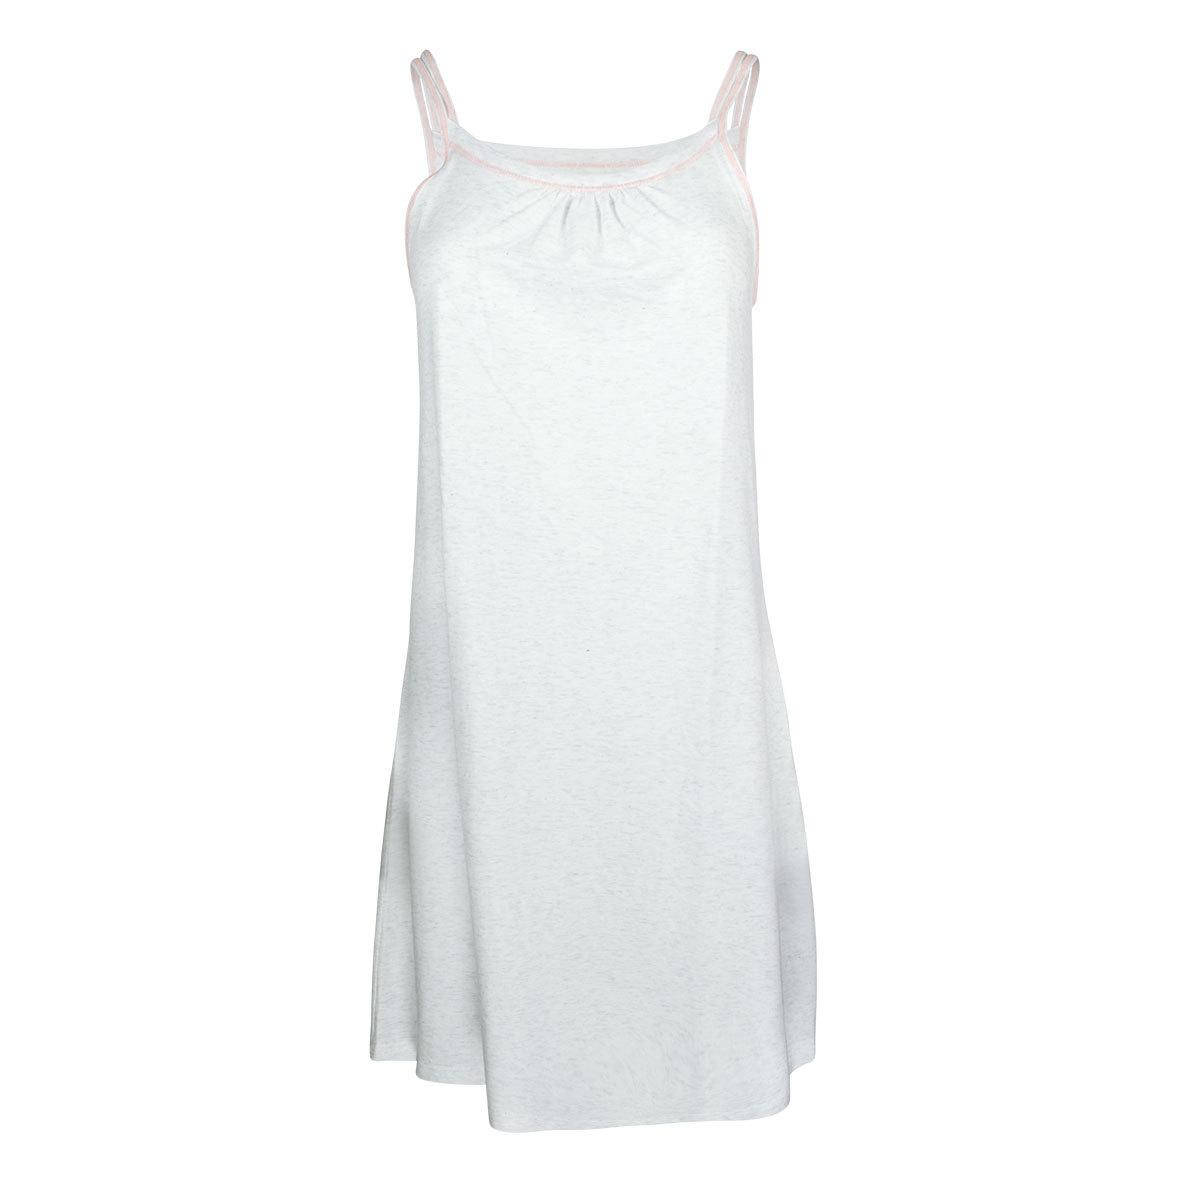 Damen Nachthemd ohne Arm